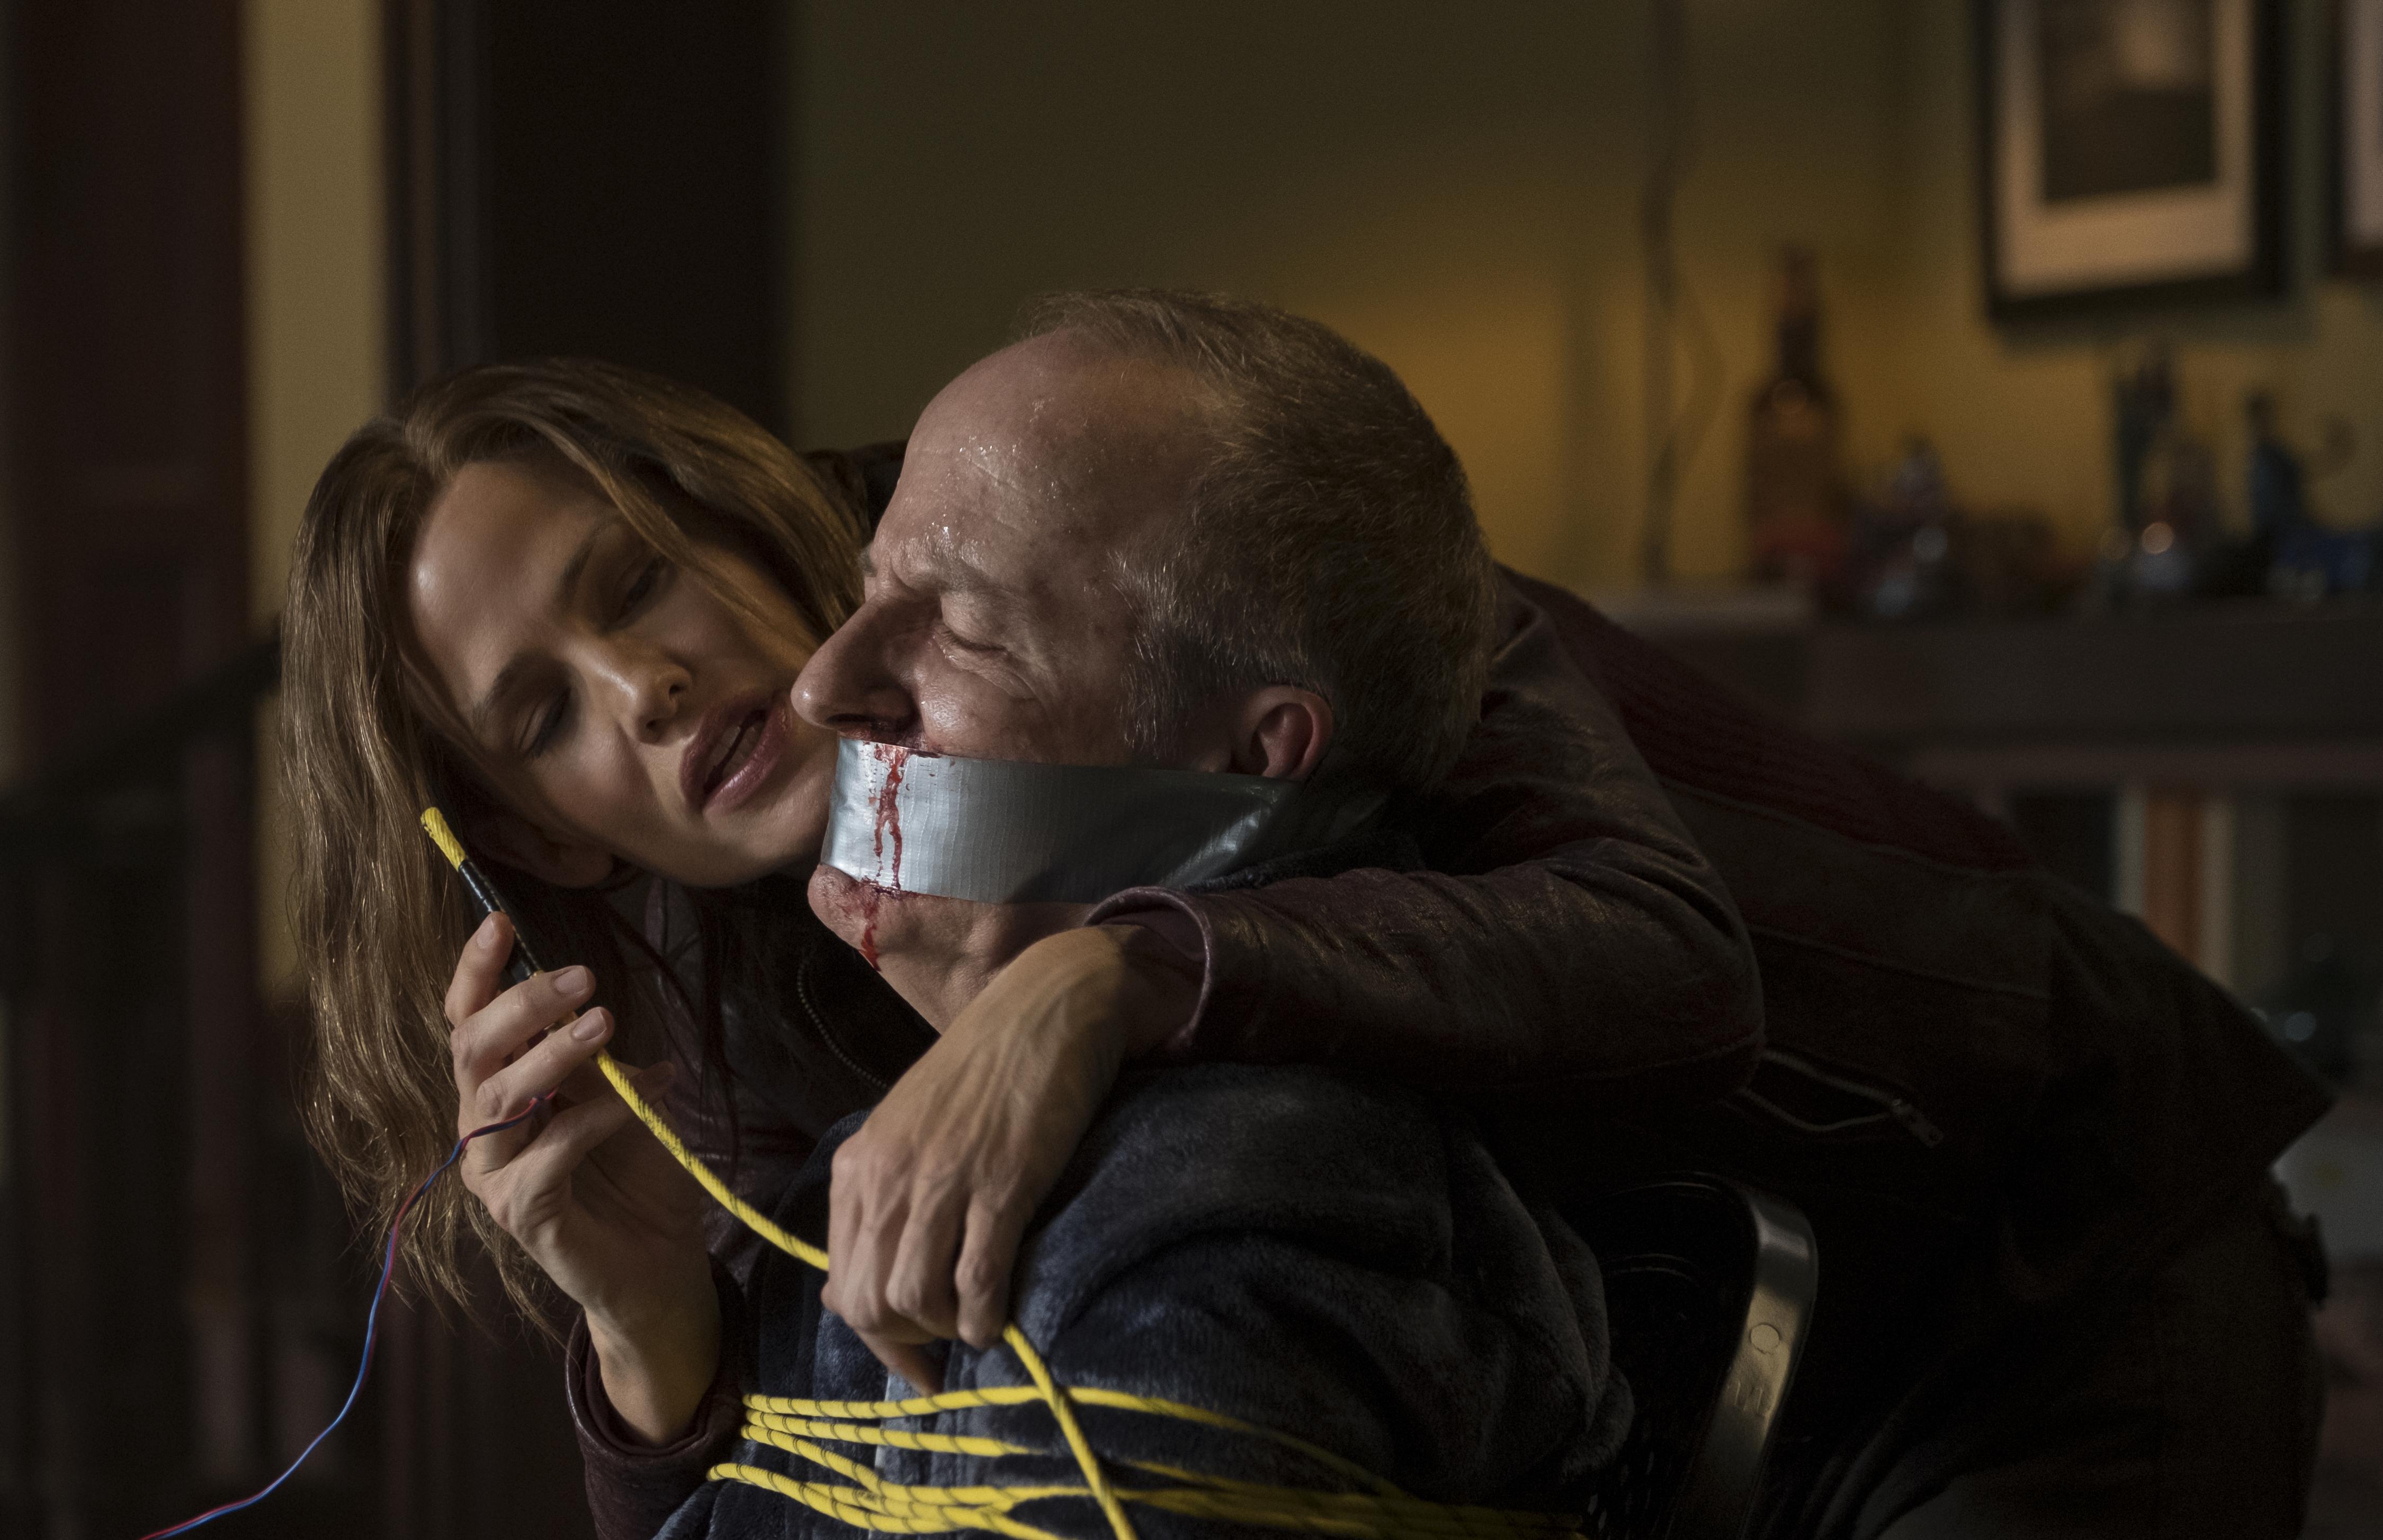 Movie review: Jennifer Garner should have gone more Liam